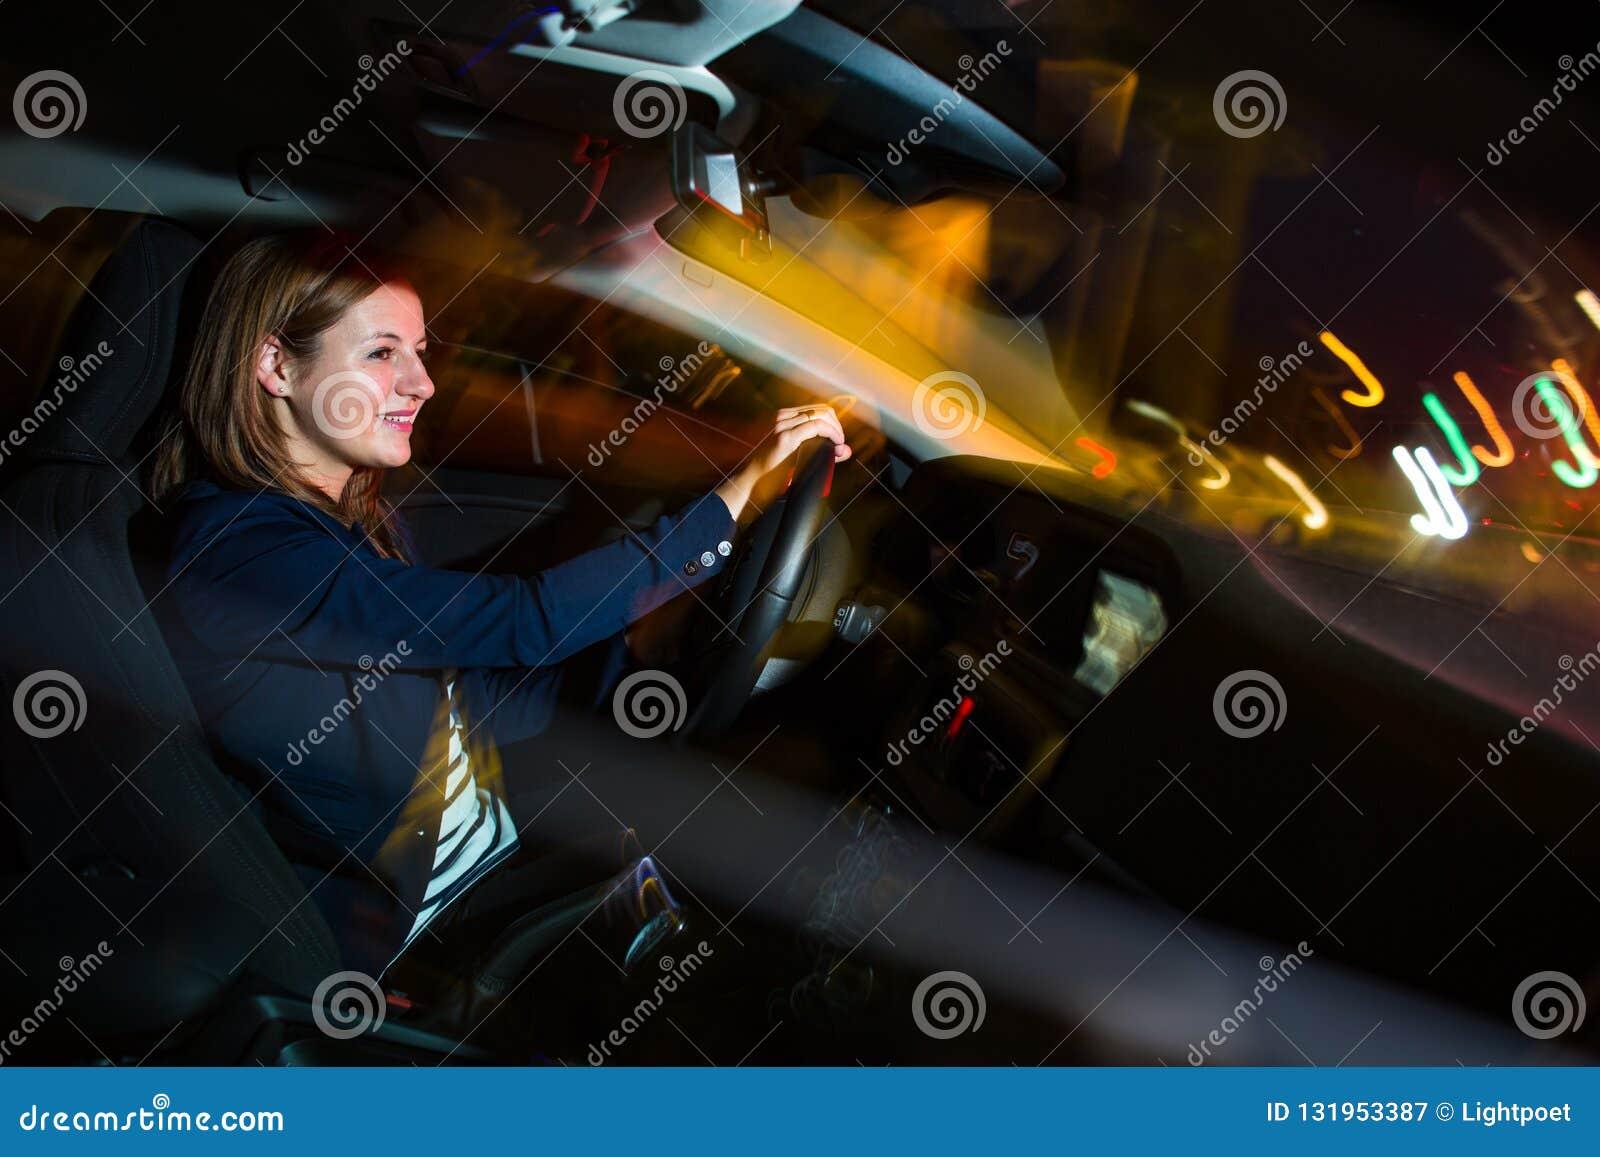 Conduzindo um carro na noite - consideravelmente, jovem mulher que conduz seu carro